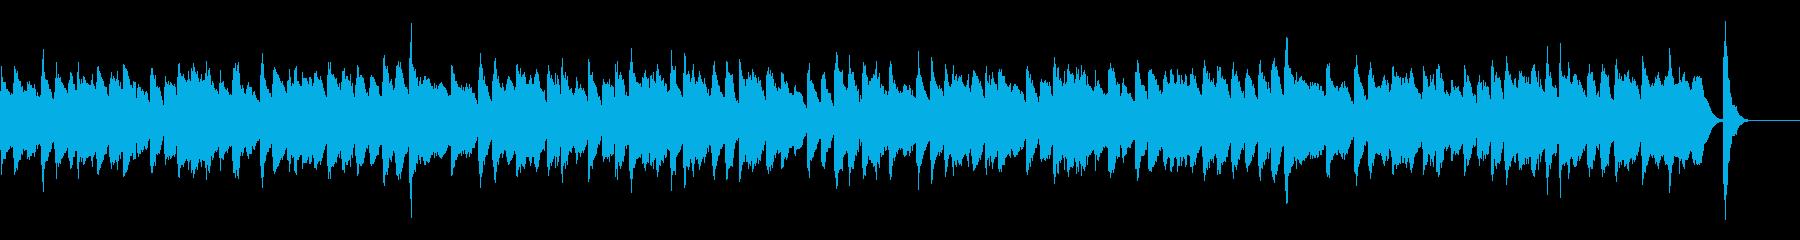 ほんわかとしたラグタイムピアノの再生済みの波形